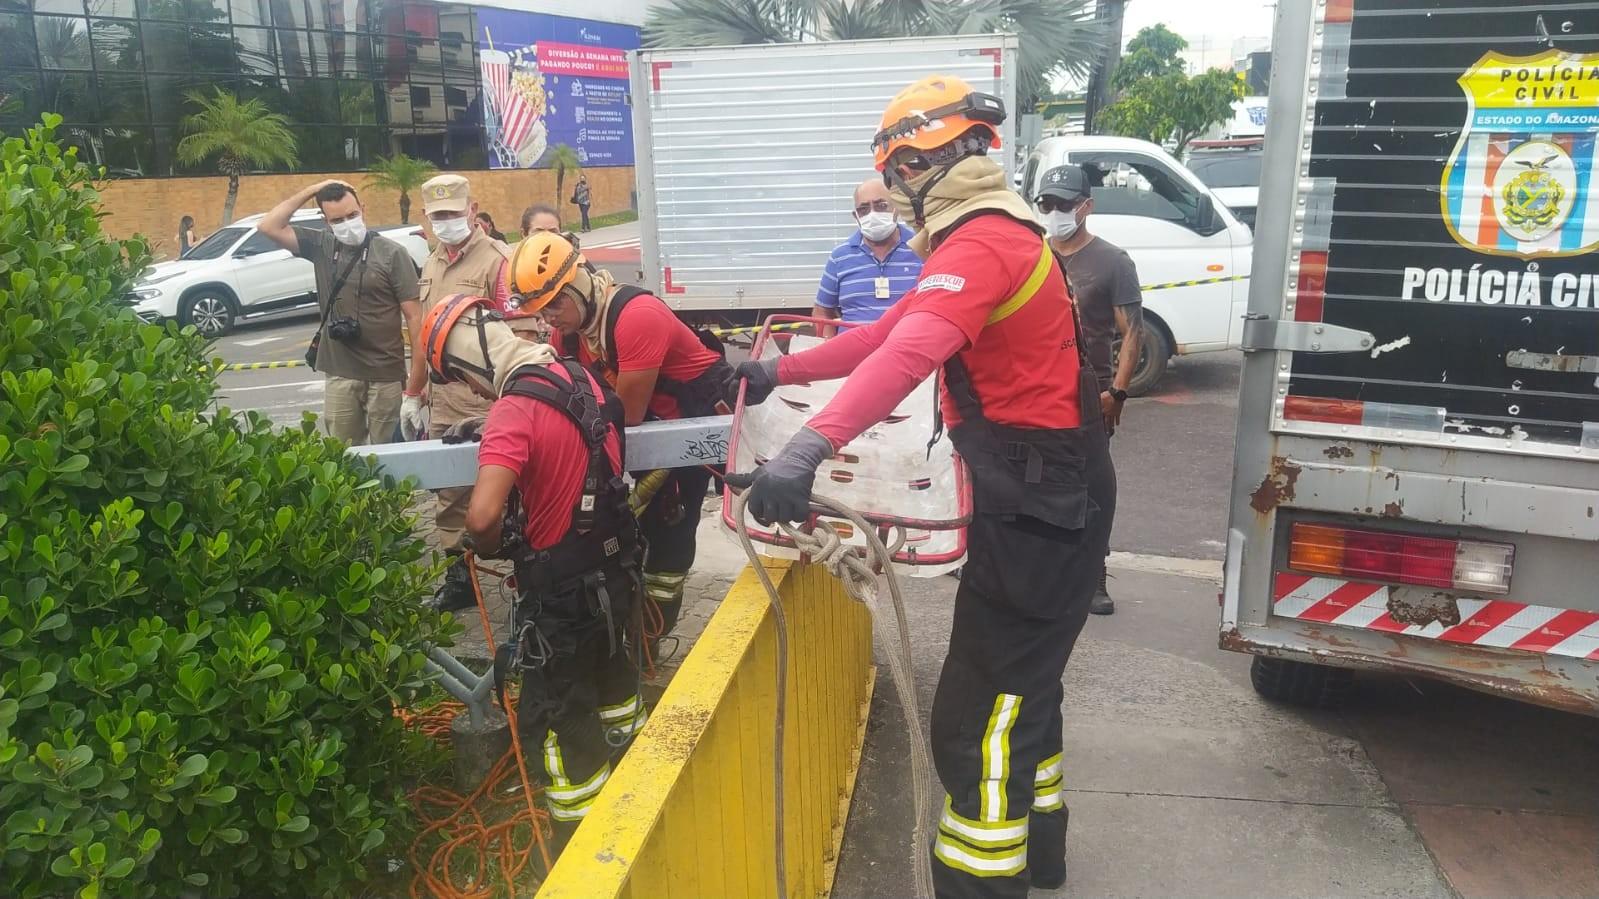 Corpo de homem é encontrado debaixo de ponte na Avenida Constantino Nery, em Manaus